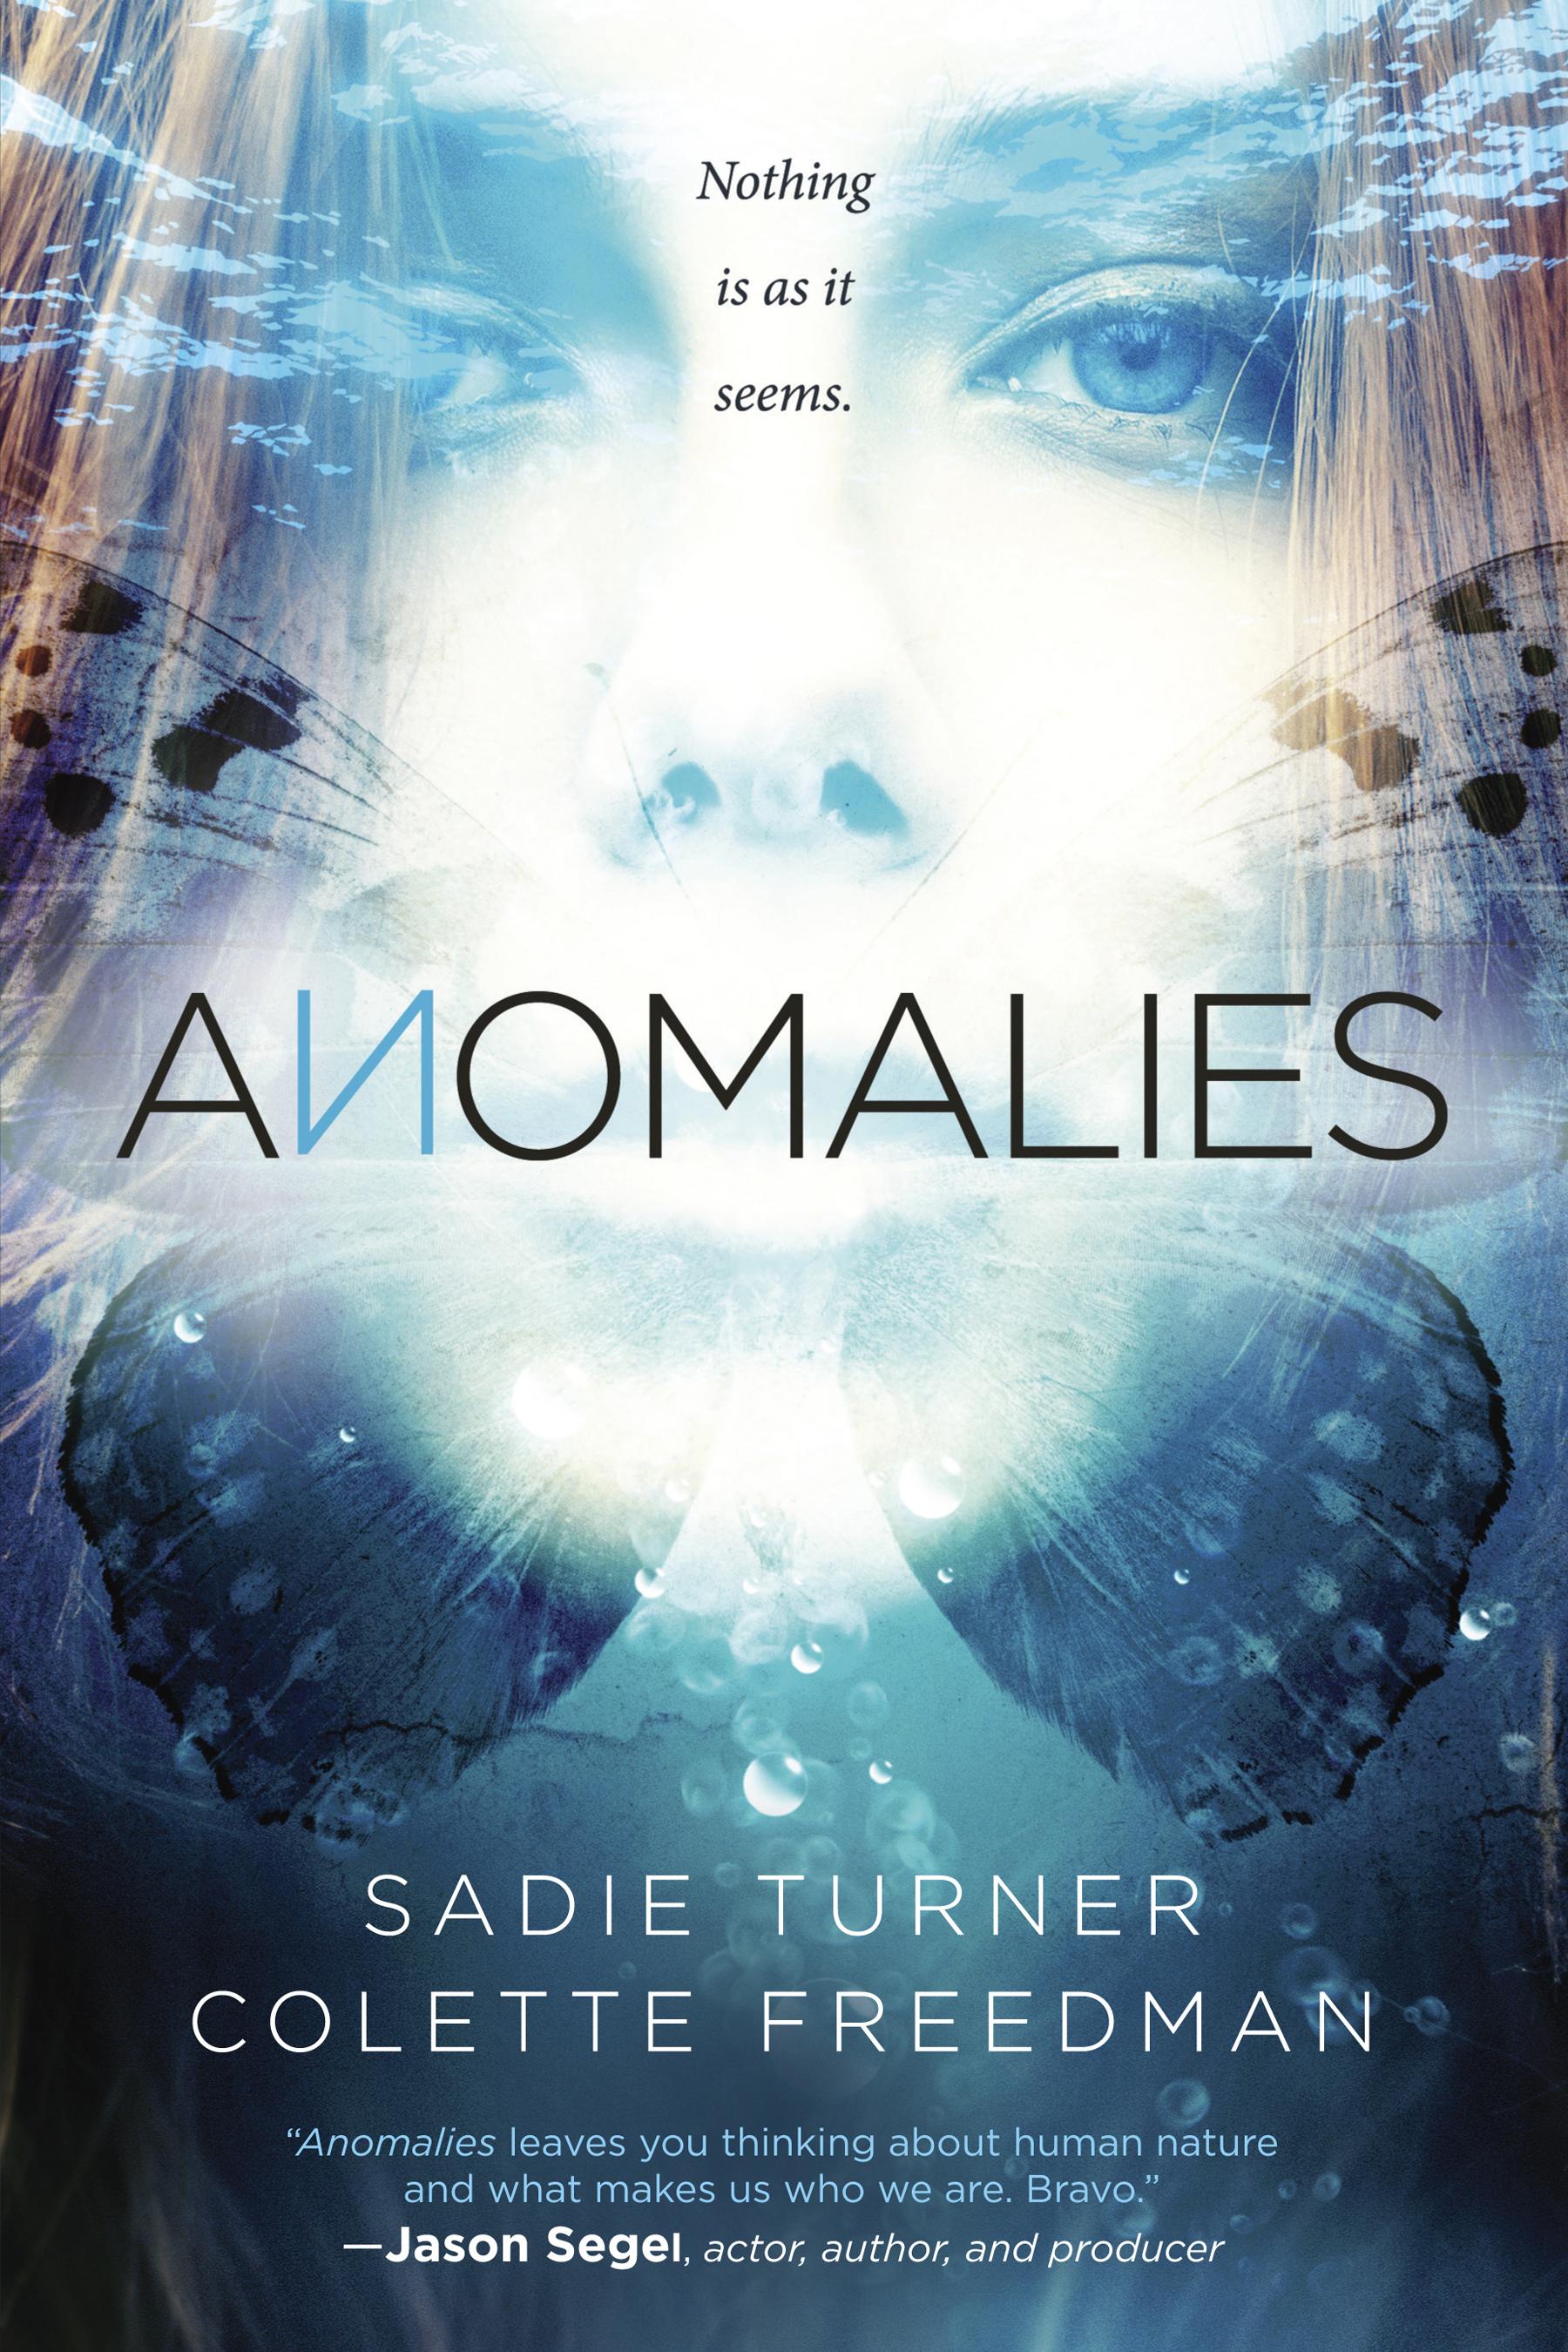 Anomalies by Sadie Turner, Colette Freedman